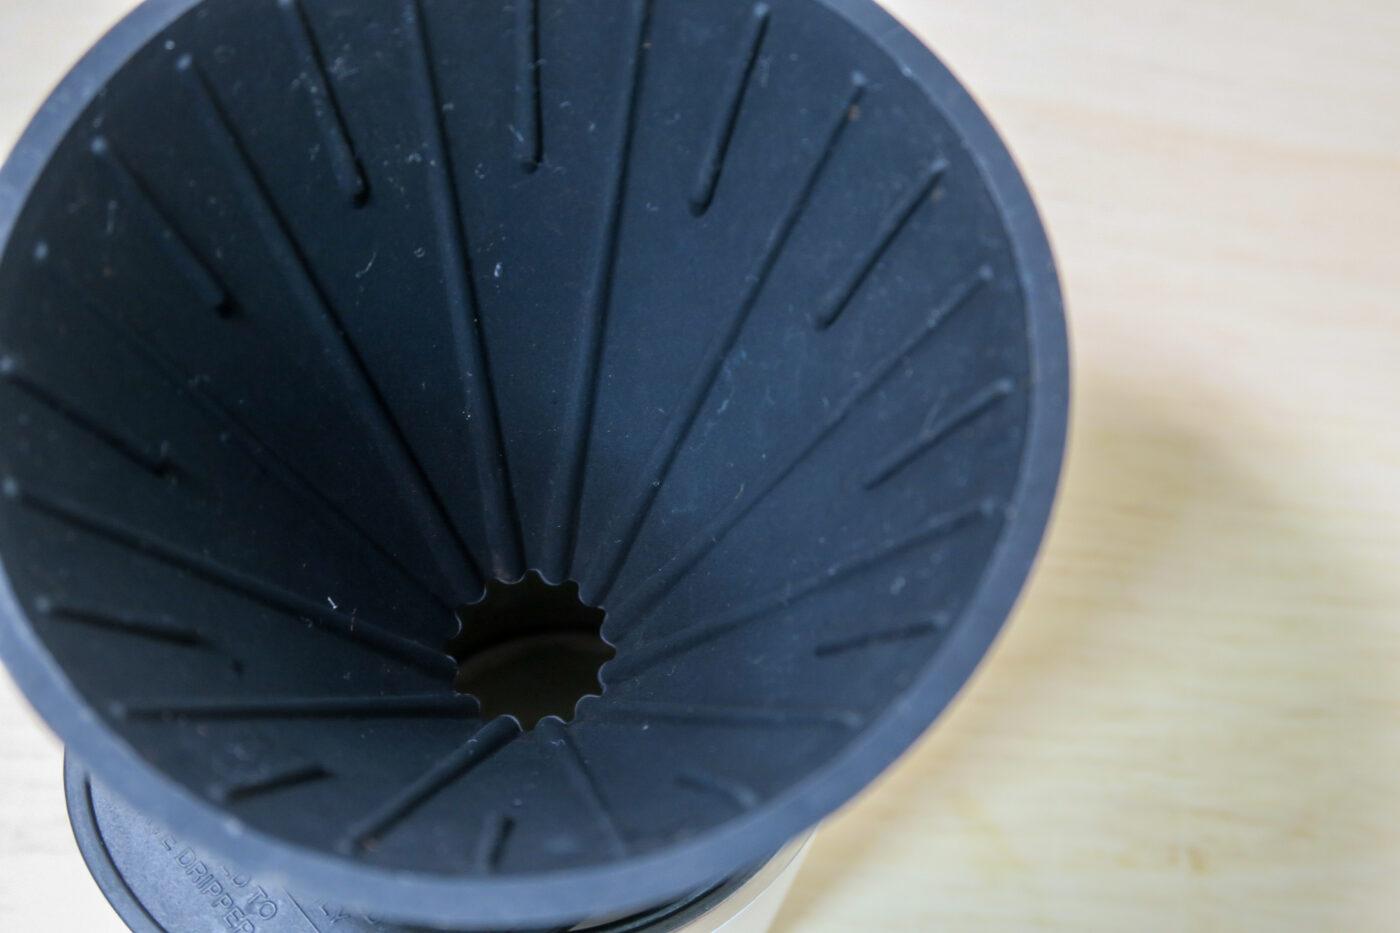 リバーズ コーヒードリッパーケイブ リバーシブルは角度と内側の溝がおすすめの秘訣。スムーズな抽出を実現してくれます。